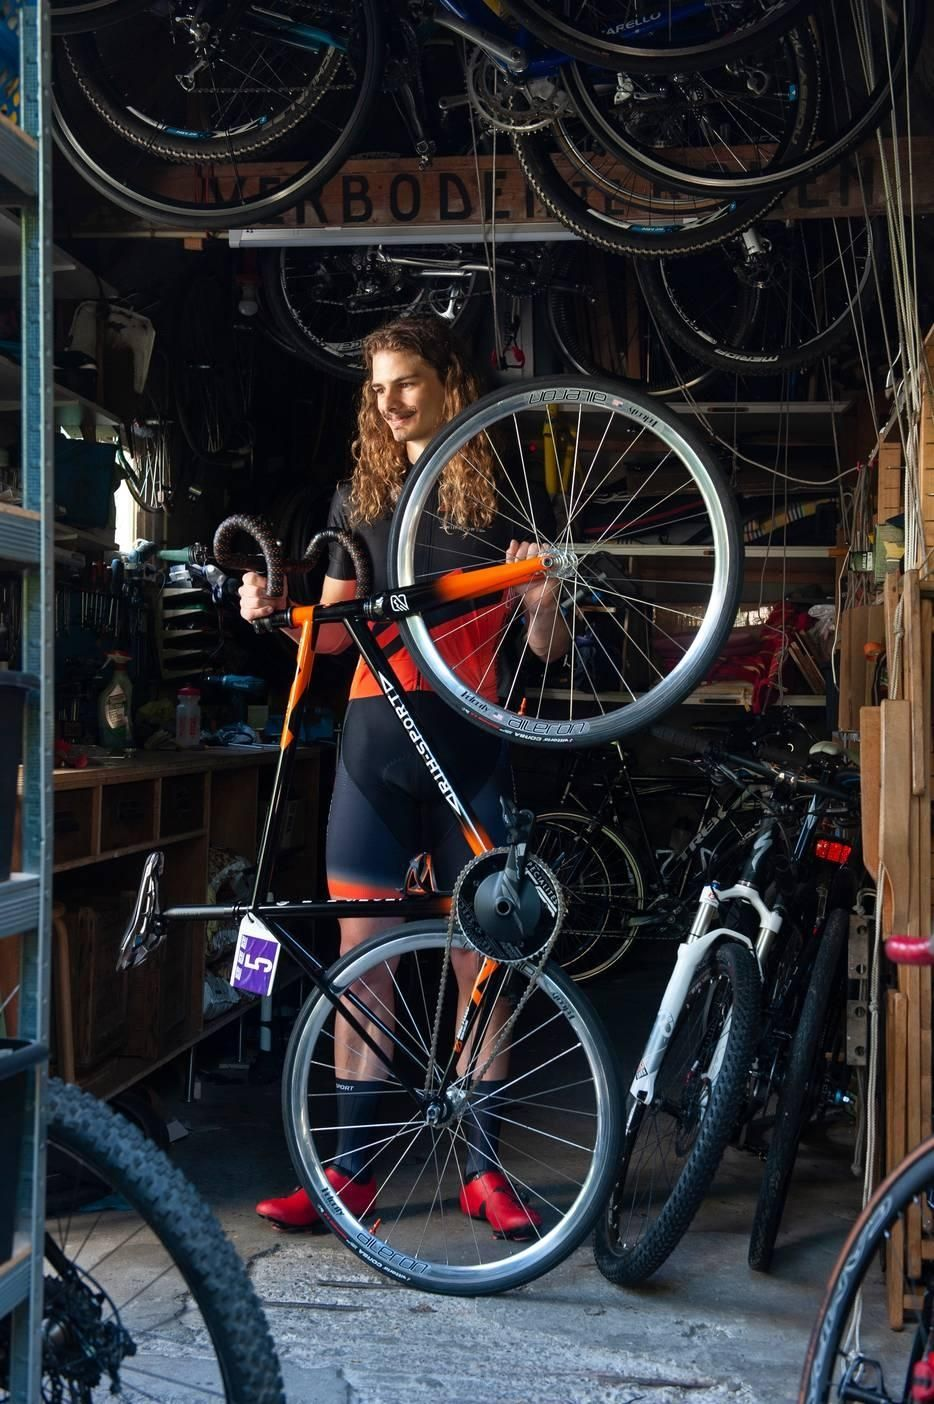 Michael den Toom RIH racefiets fietsen Amsterdam 100 jubileum